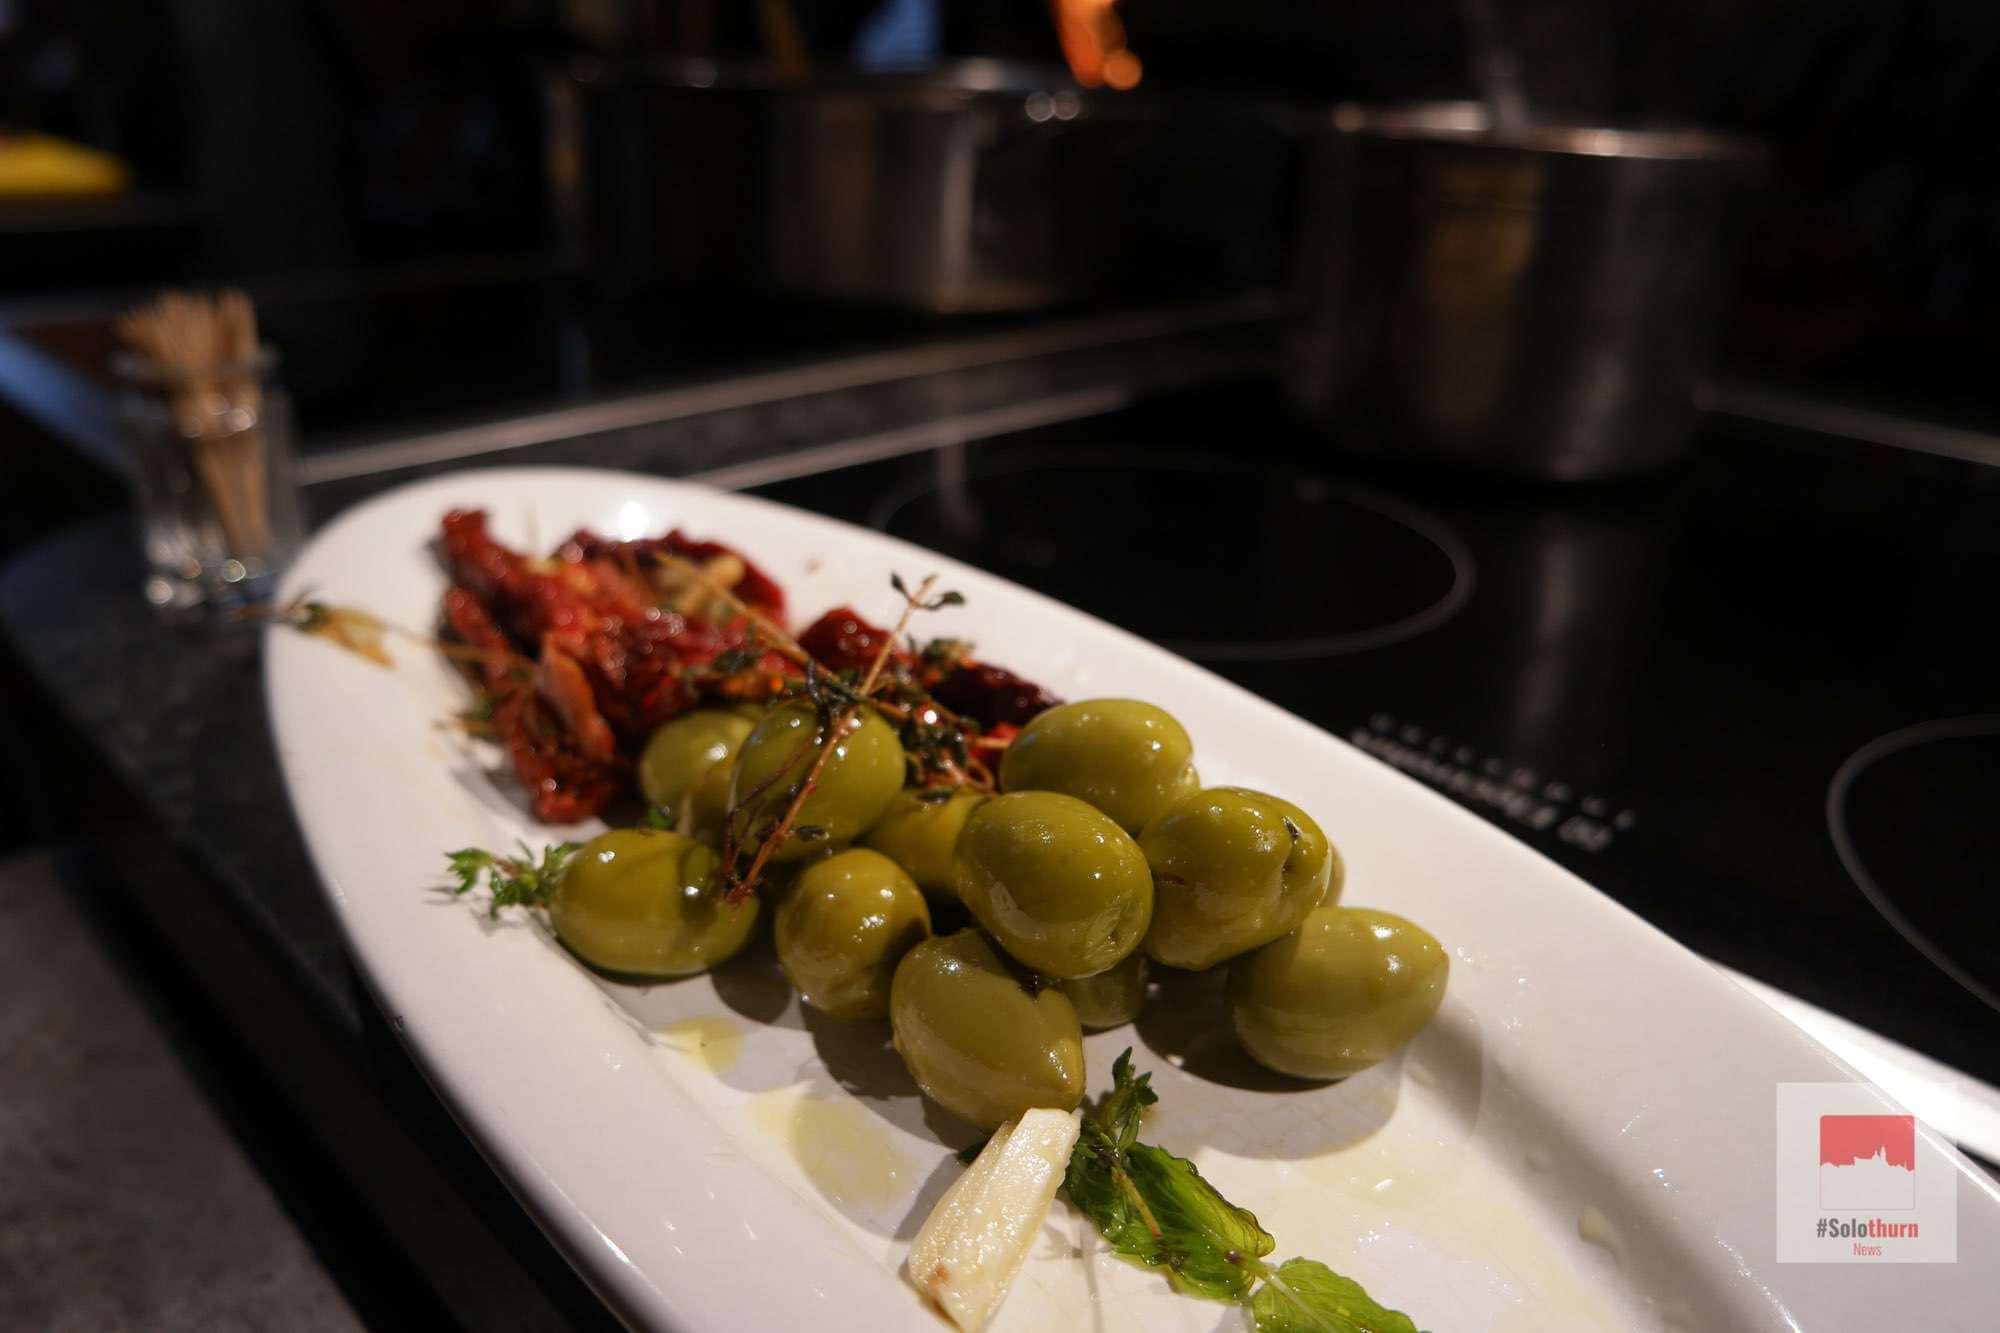 Marinierte Oliven, Parmesan, Tomaten und Chorizo vom Grill dazu Holzhofenbrot